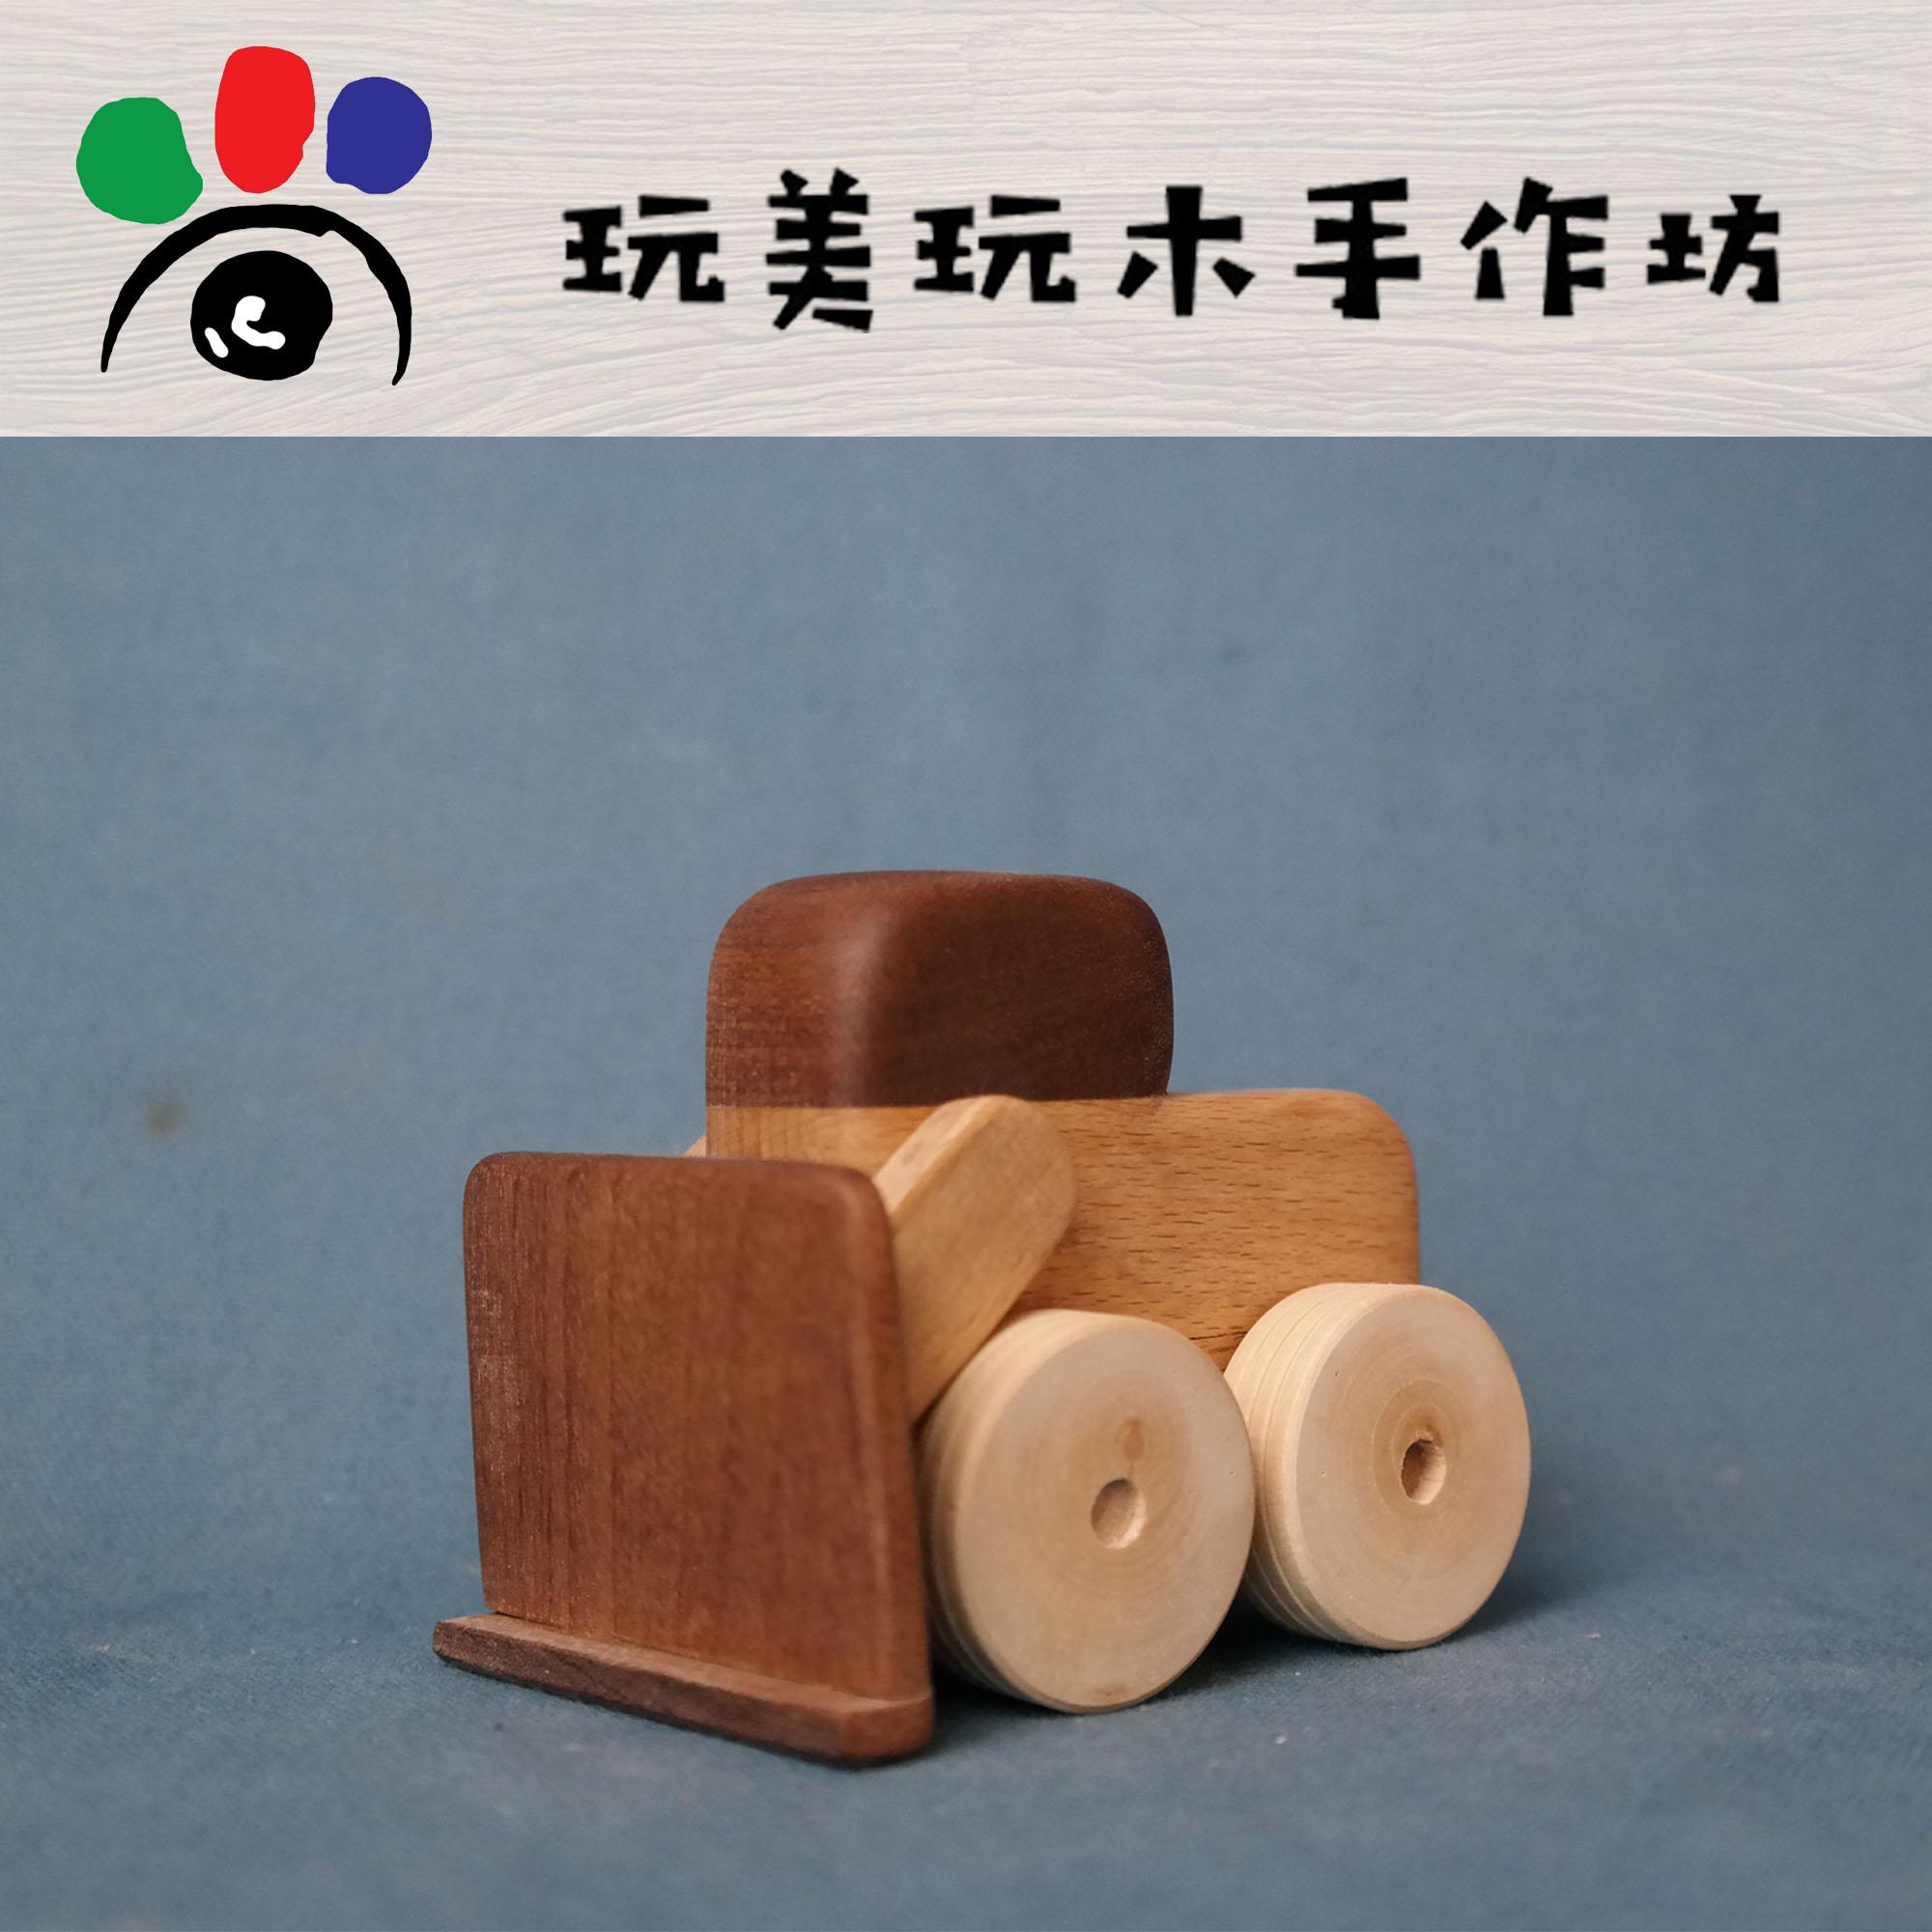 教育推土机 steam 儿童木工课传统文化教学幼儿园手工